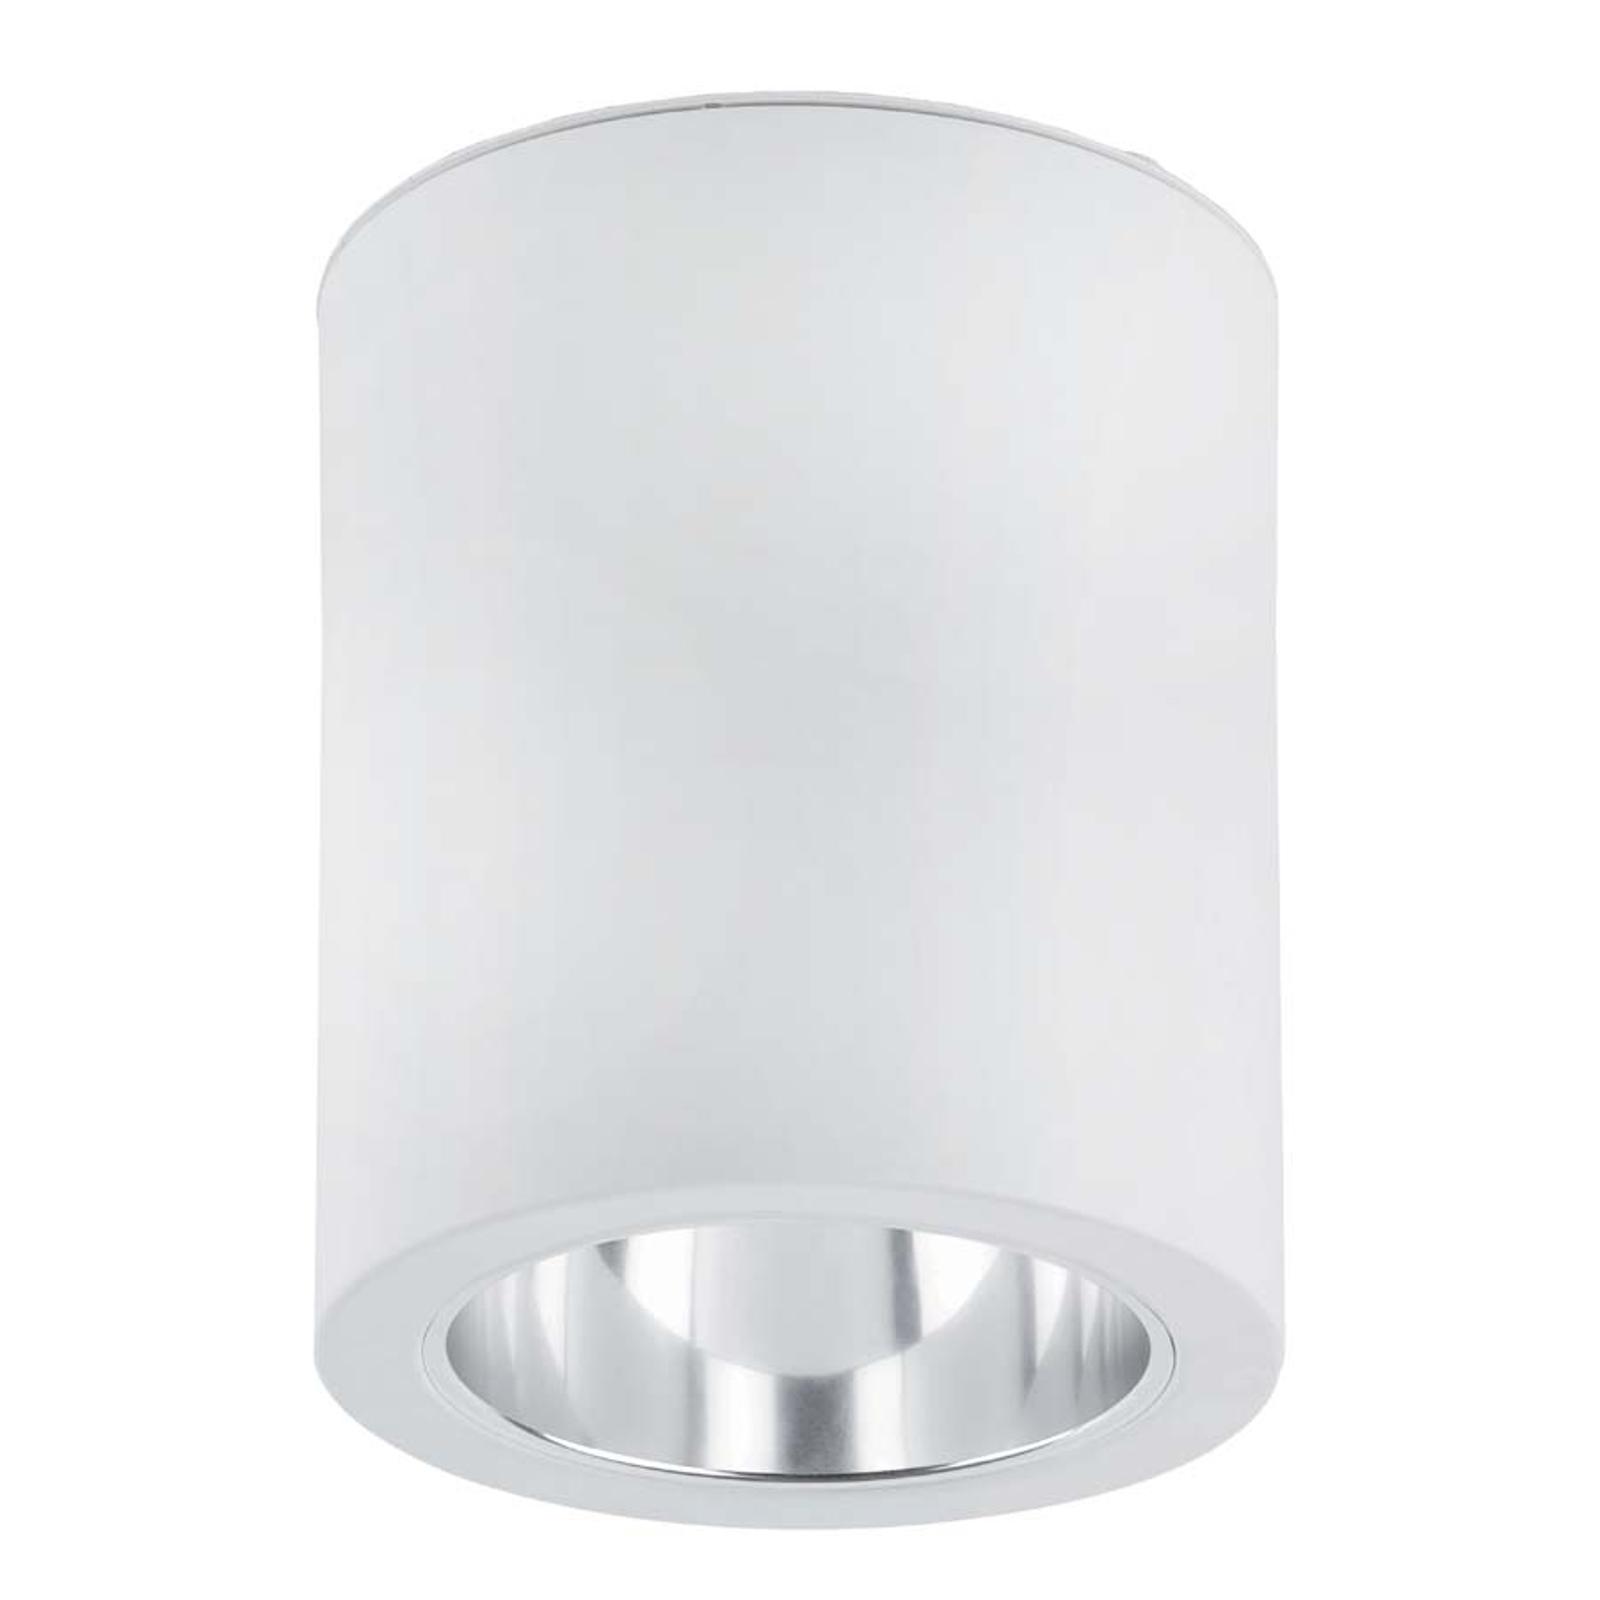 Plafonnier esthétique Pote-1 en aluminium blanc